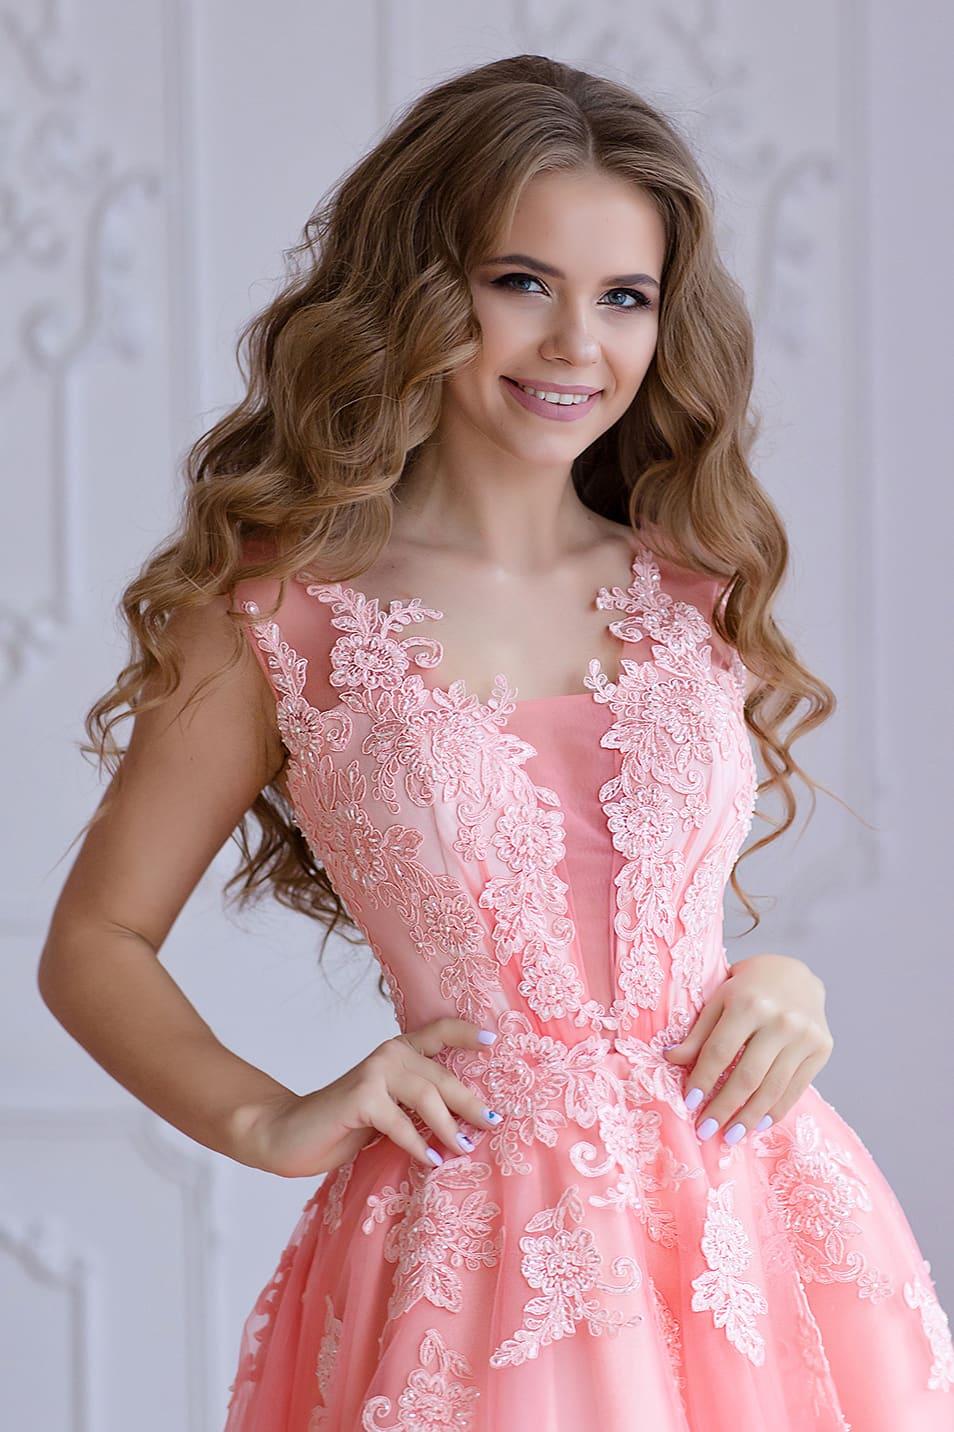 fee623cf44f7 Платье на выпускной розового цвета Valentina Gladun Brian розовое ...